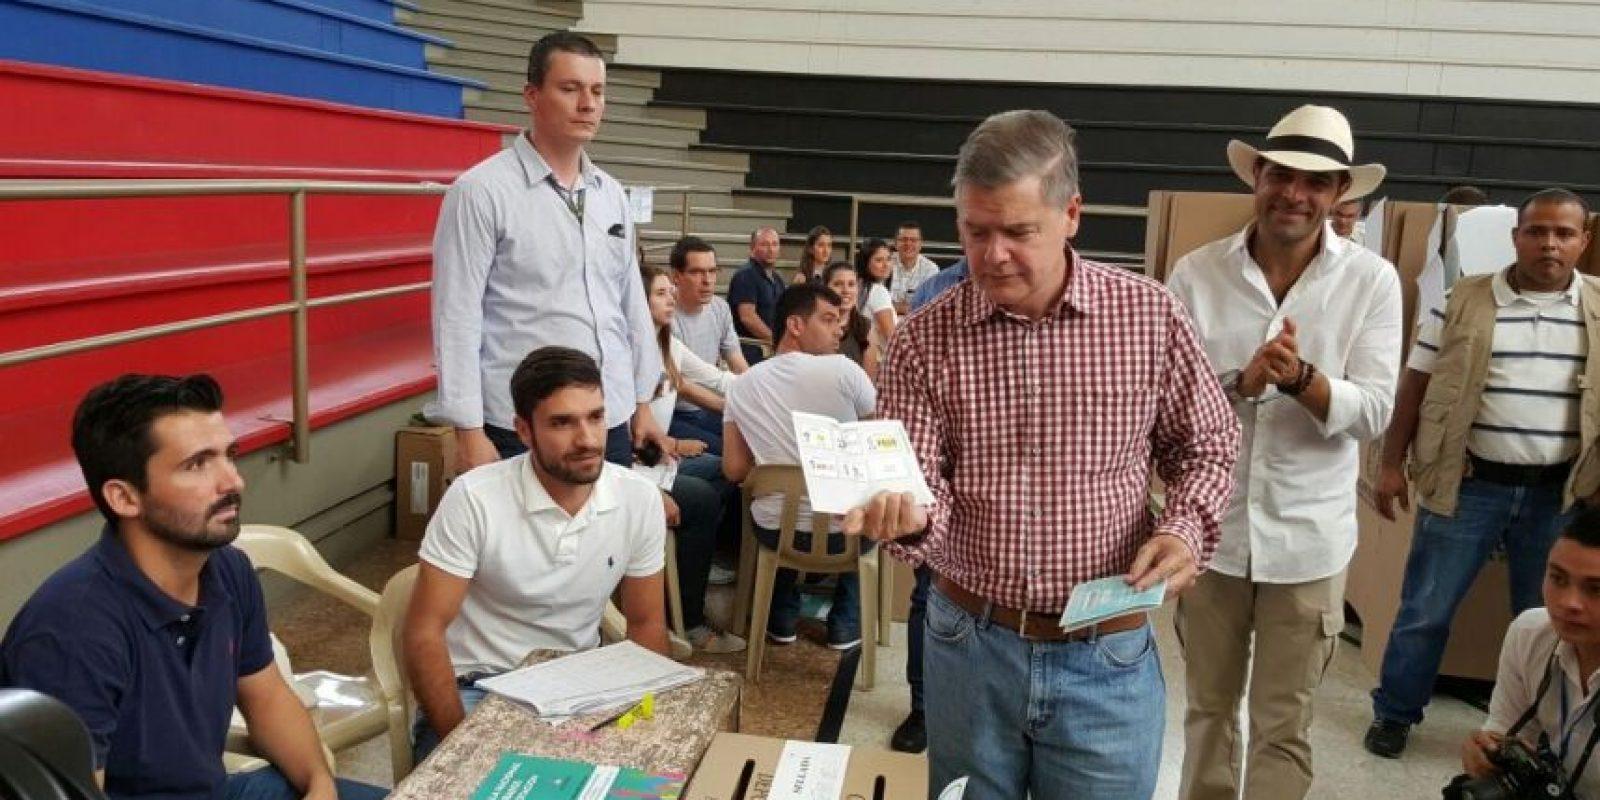 Juan Carlos Vélez, Centro Democrático Foto:Cortesía: Campaña Juan Carlos Vélez Uribe